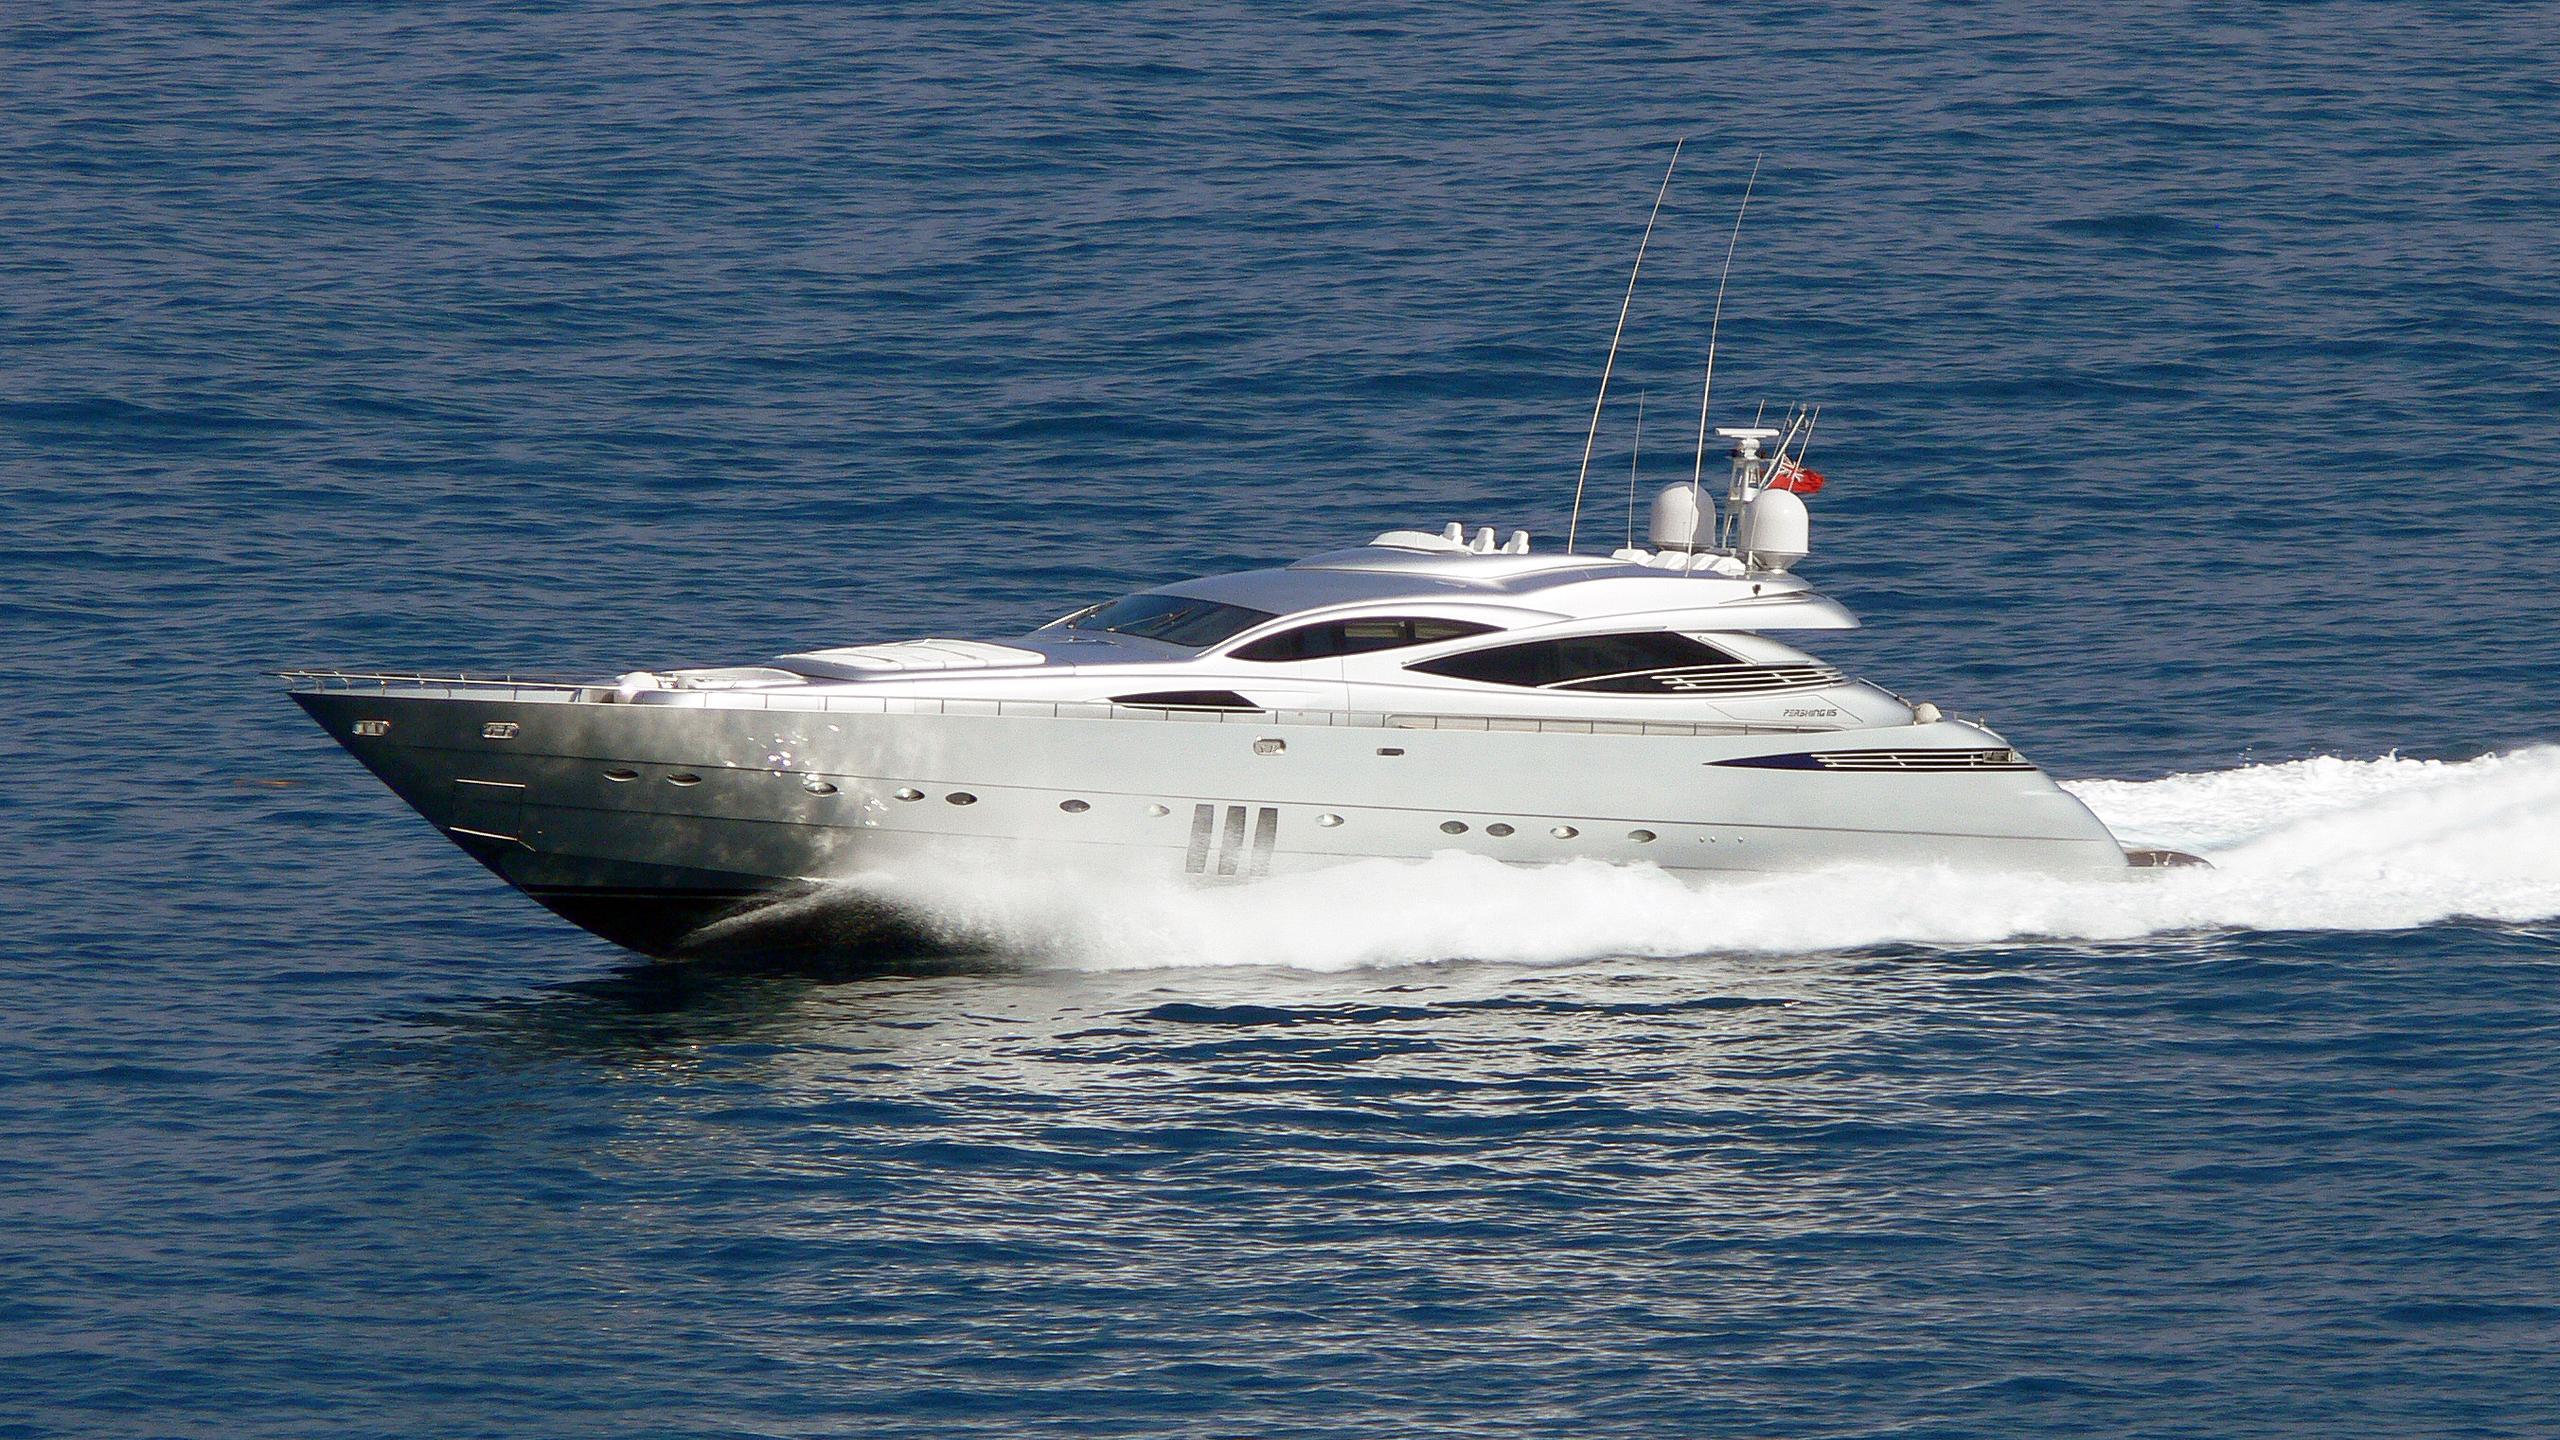 shooting-star-mistral-55-motor-yacht-pershing-115-2006-35m-cruising-profile